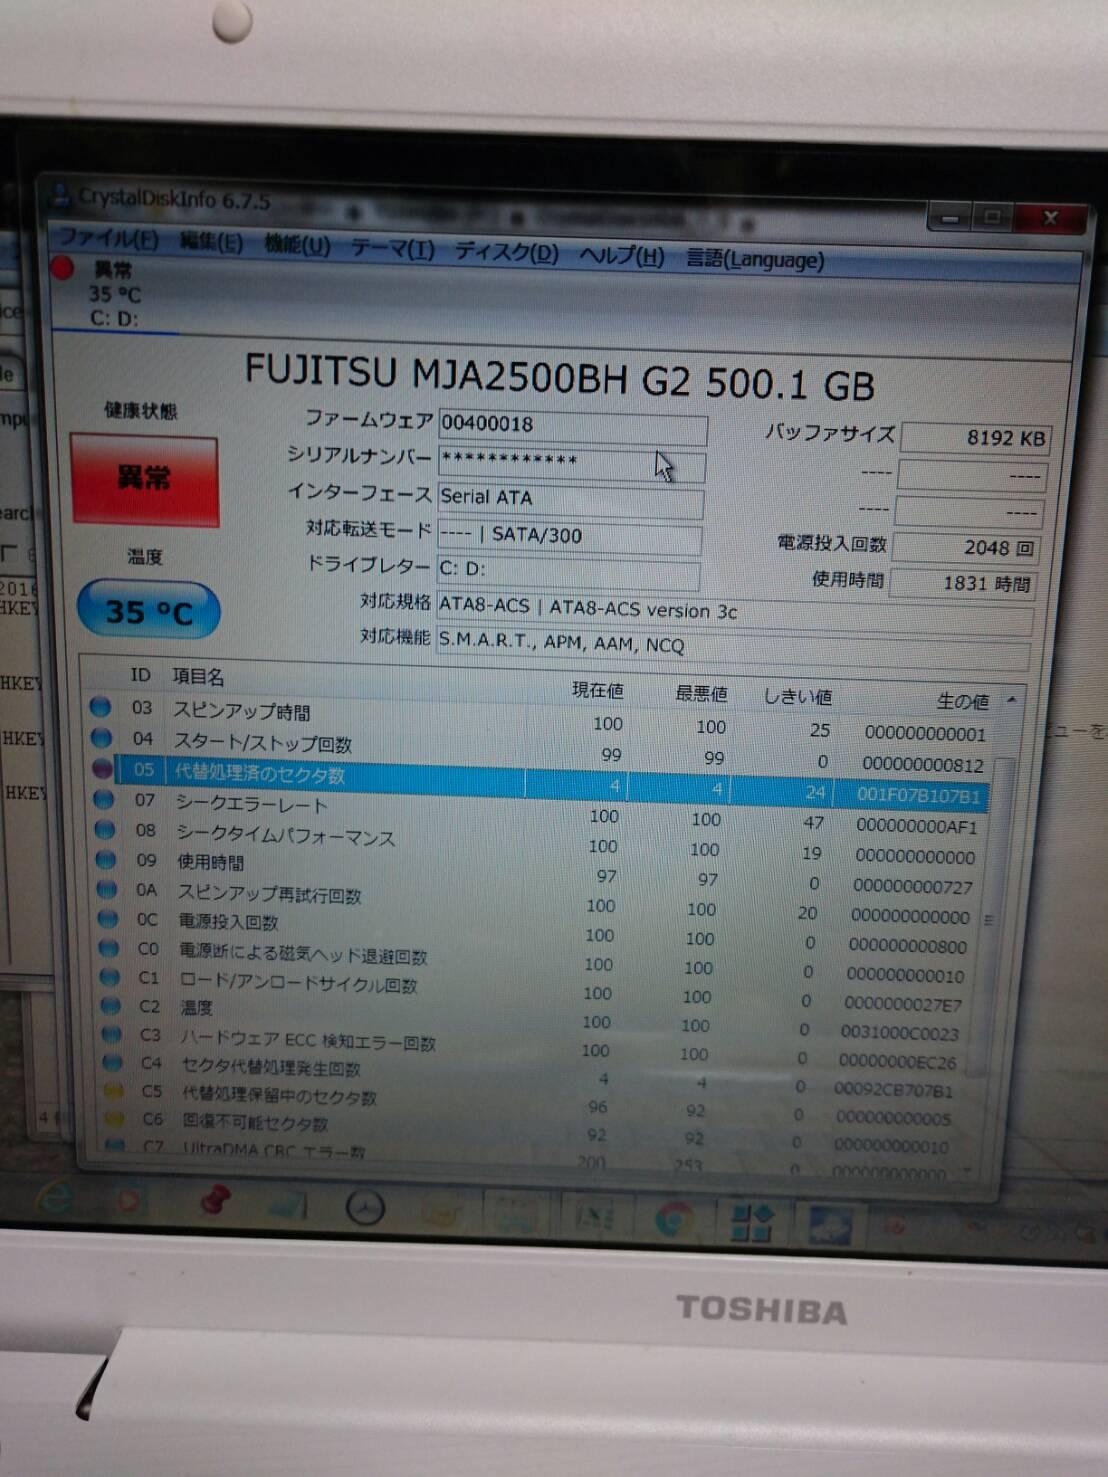 ハードディスク故障